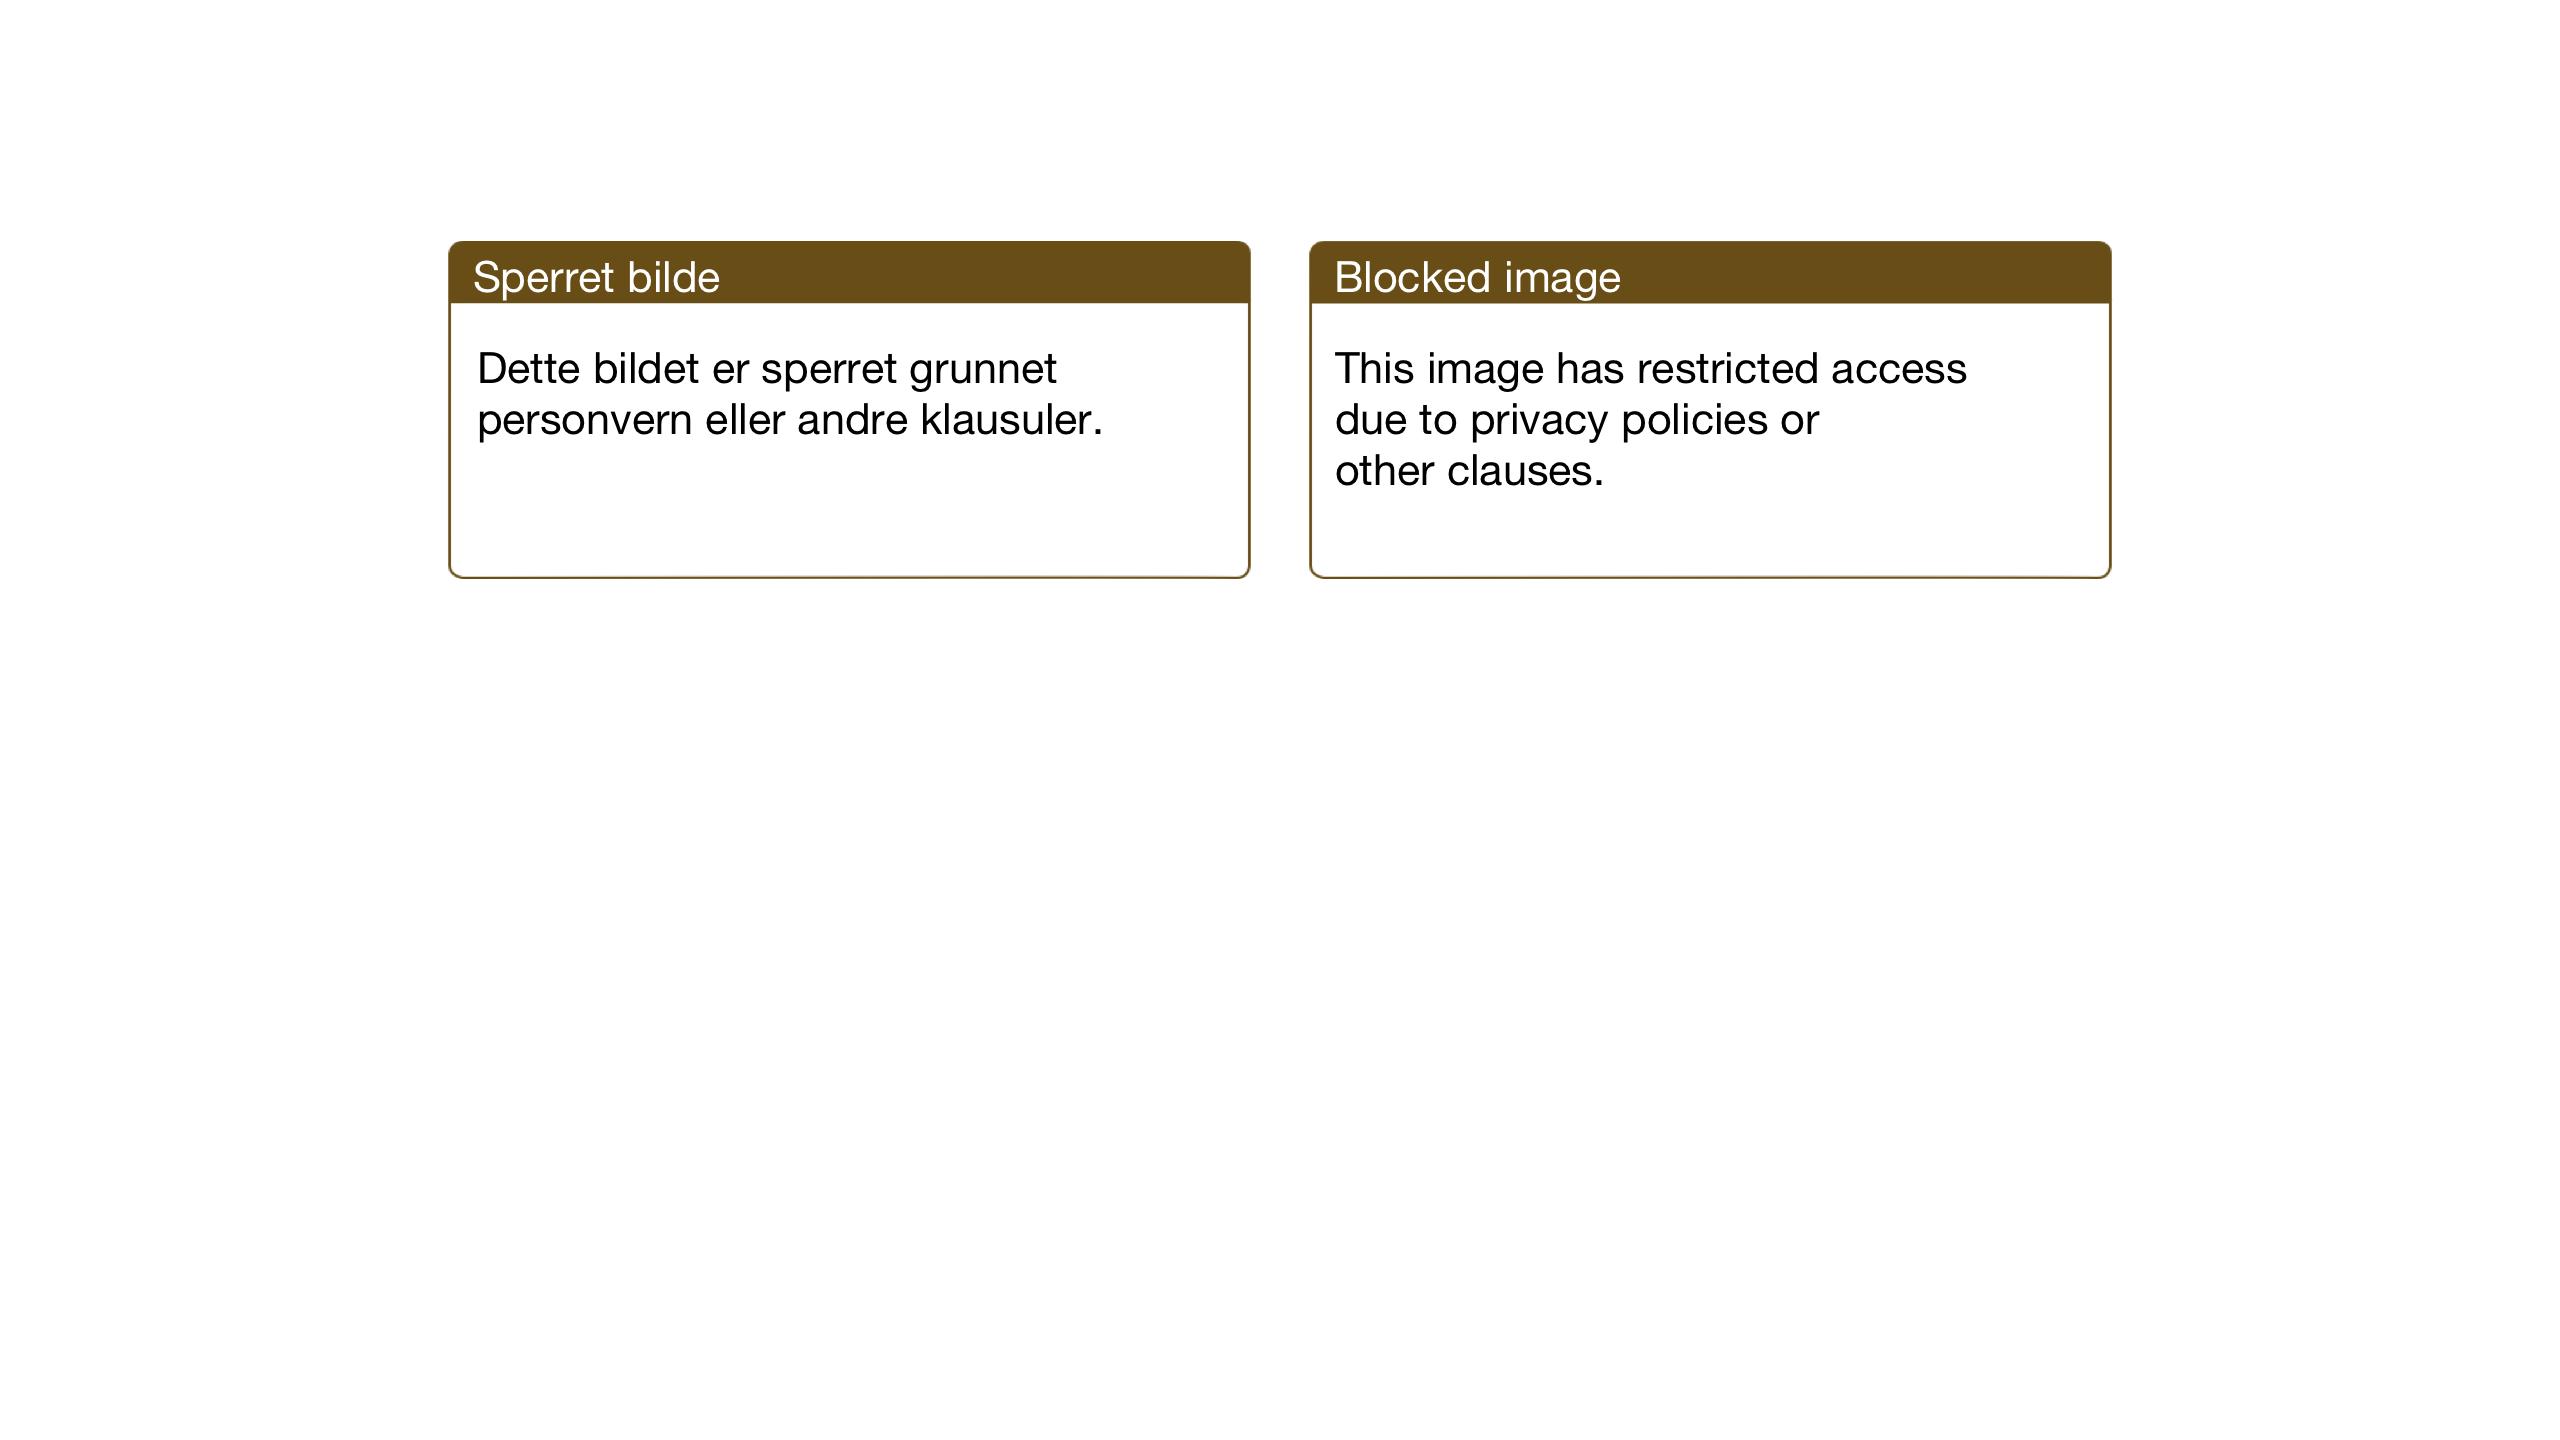 SAT, Ministerialprotokoller, klokkerbøker og fødselsregistre - Sør-Trøndelag, 681/L0944: Klokkerbok nr. 681C08, 1926-1954, s. 142